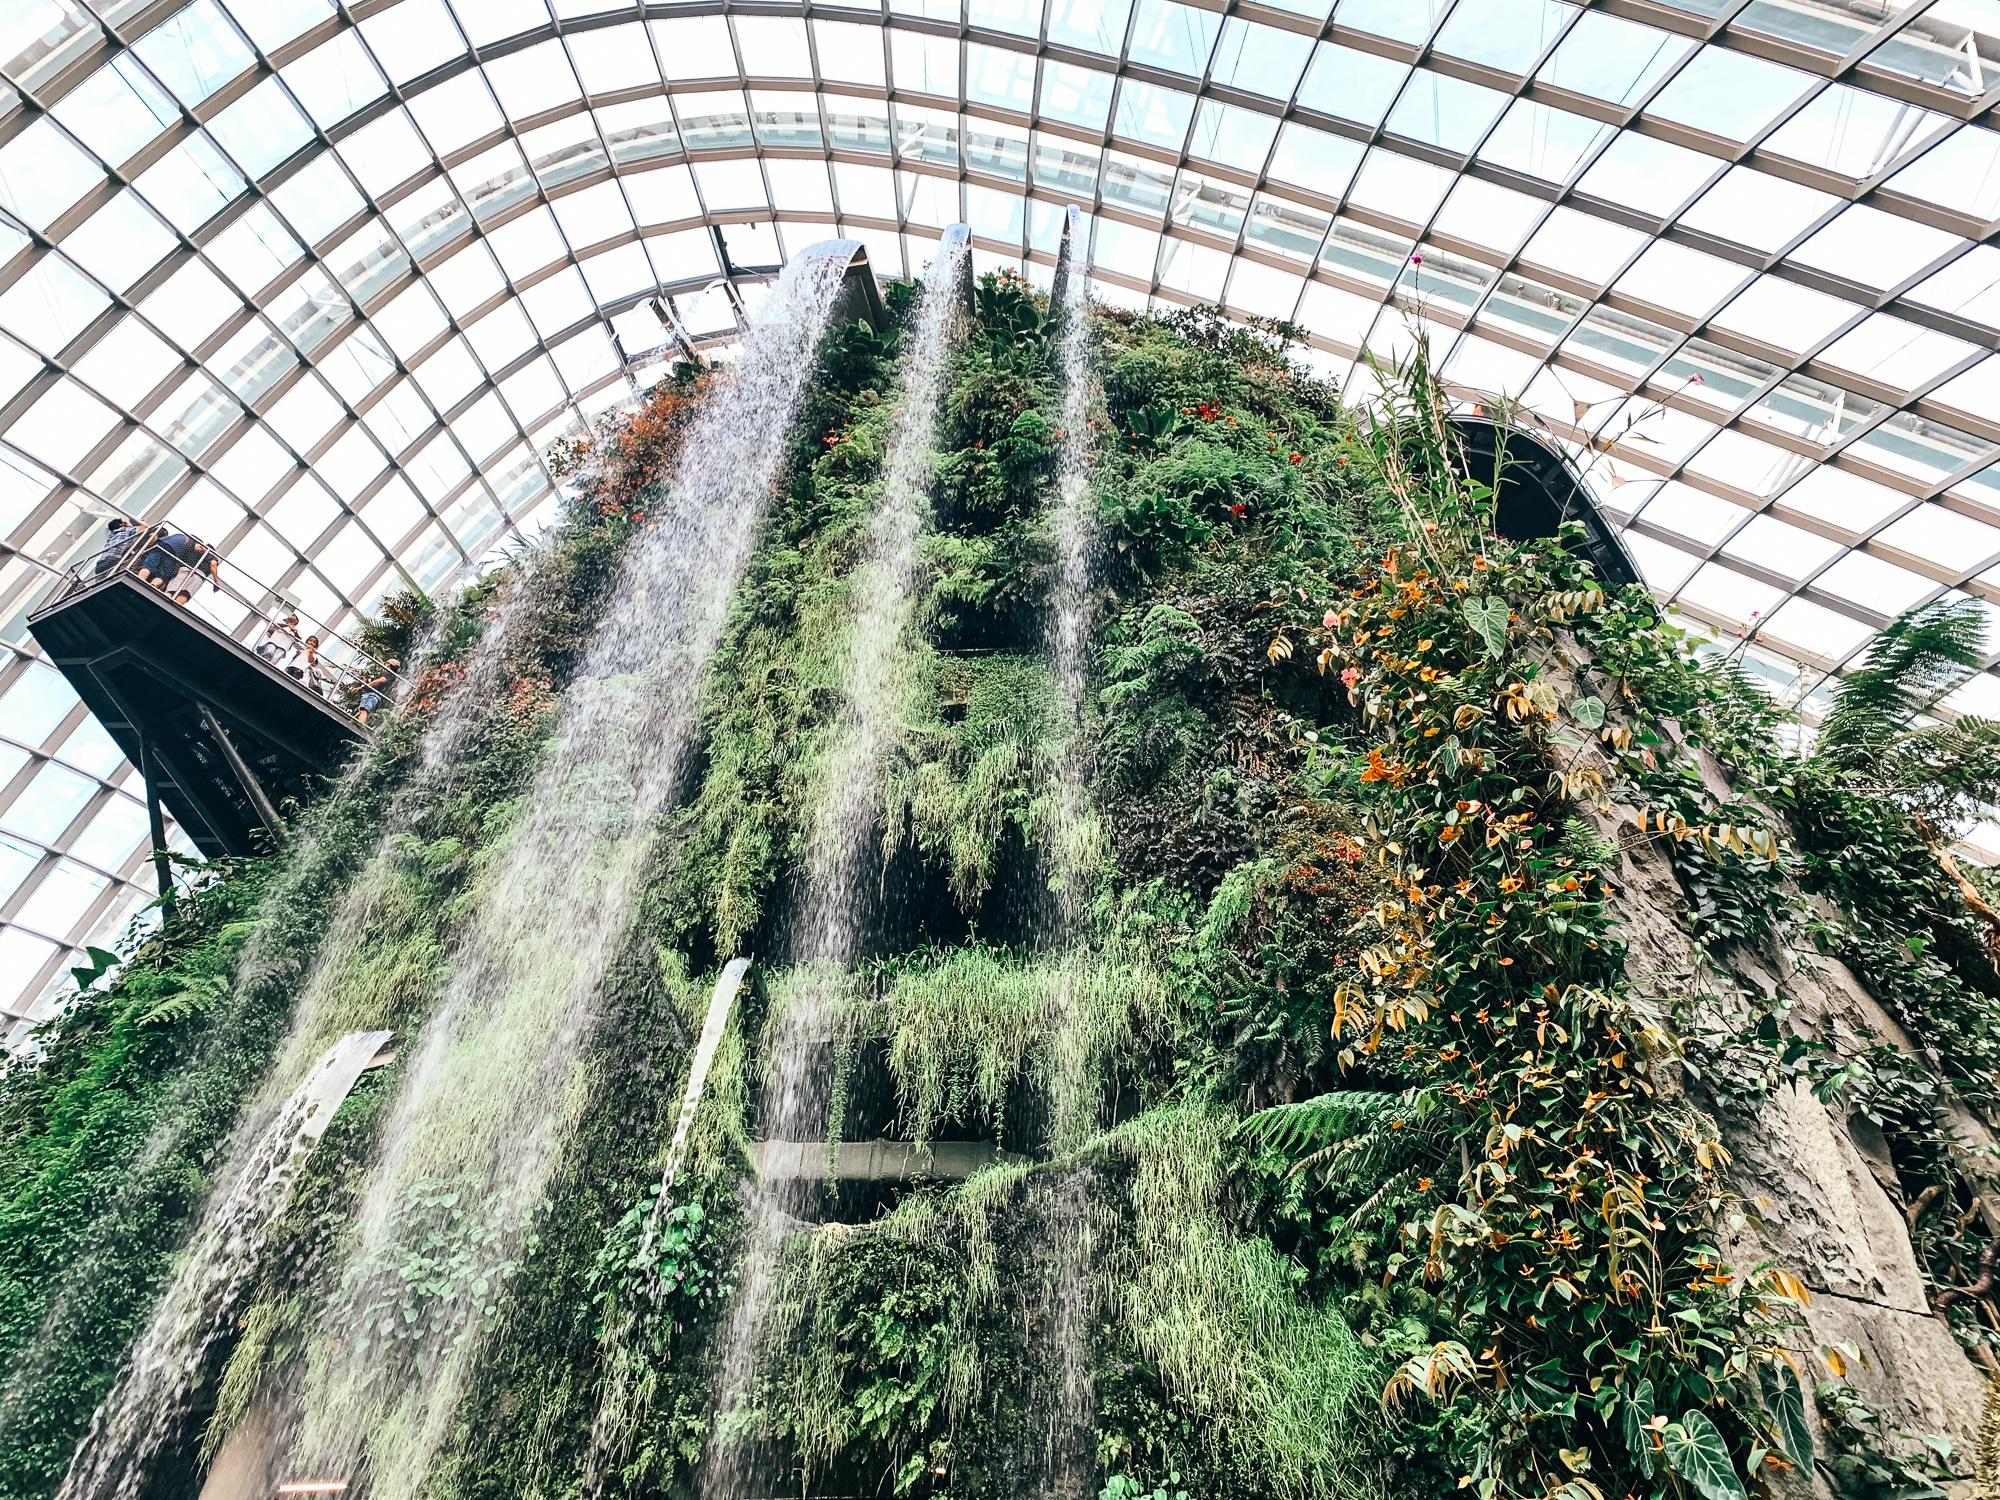 Gardens by the Bay: Sehenswürdigkeiten, Highlights und Eintrittspreise - Cloud Forest Wasserfall